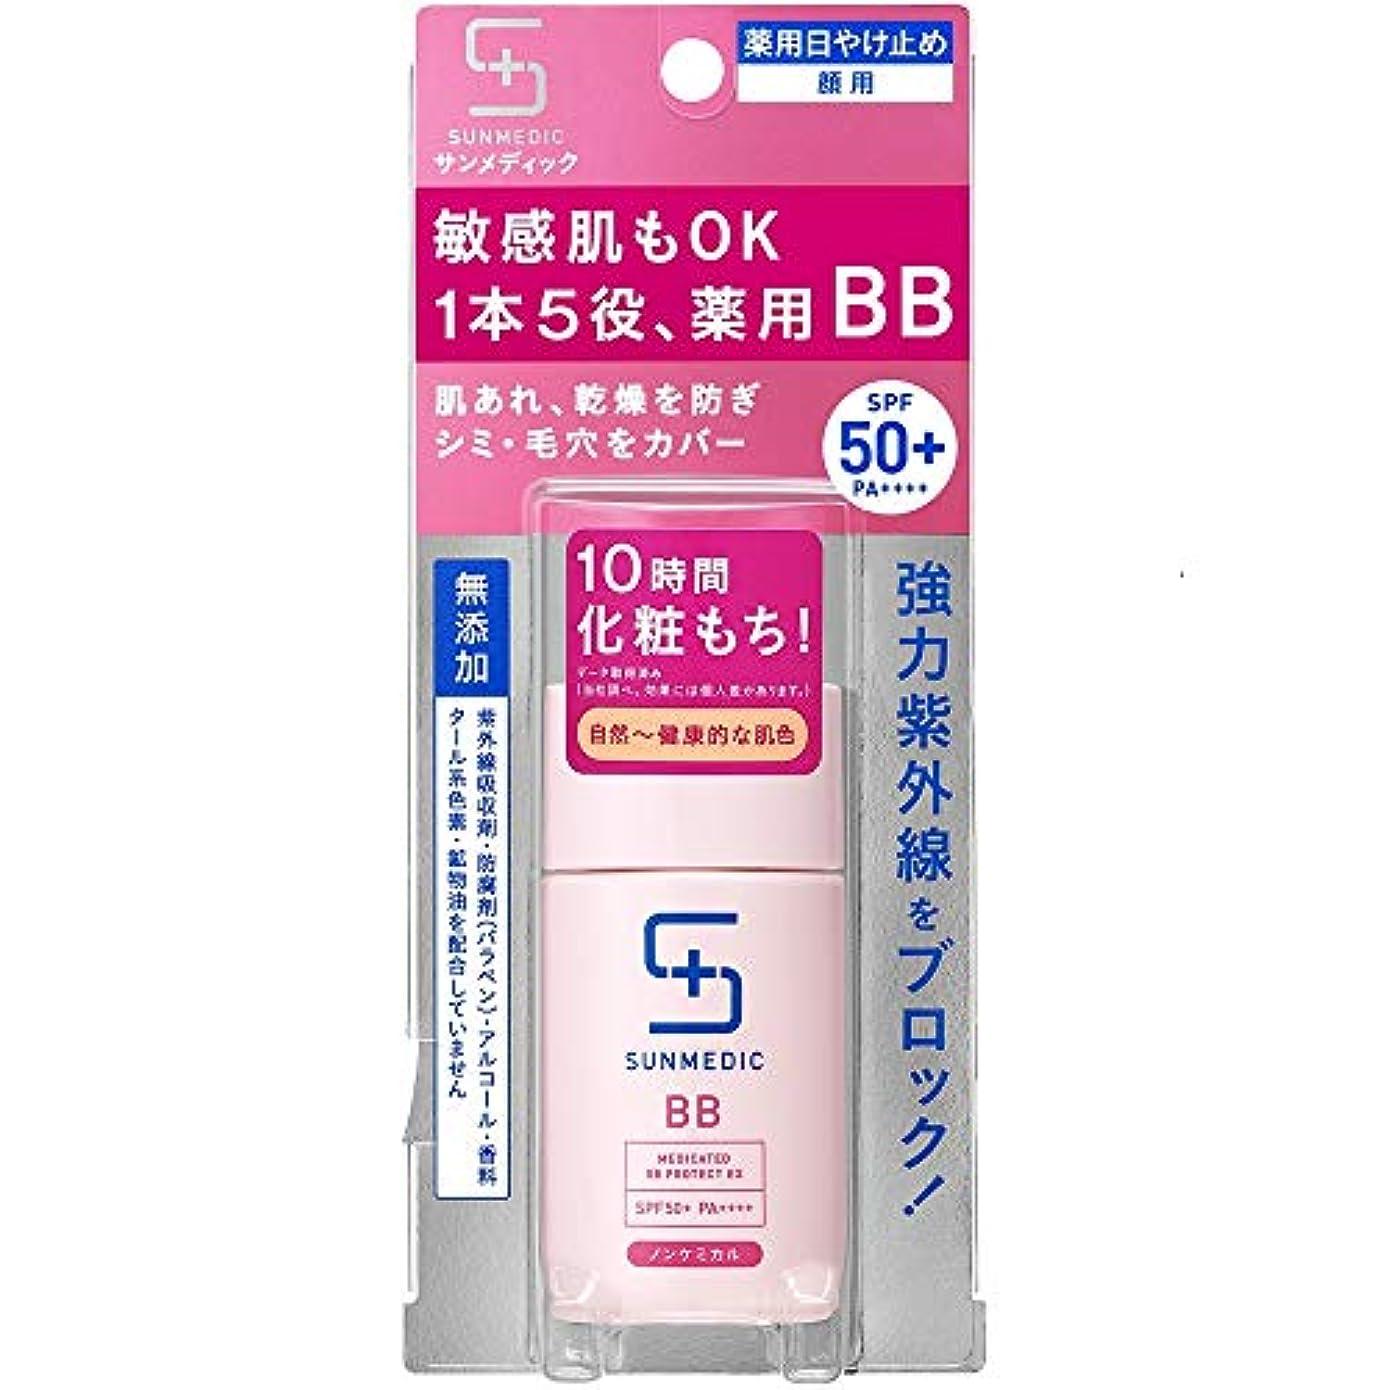 祈る優しさアクチュエータサンメディックUV 薬用BBプロテクトEX ナチュラル 30ml (医薬部外品)